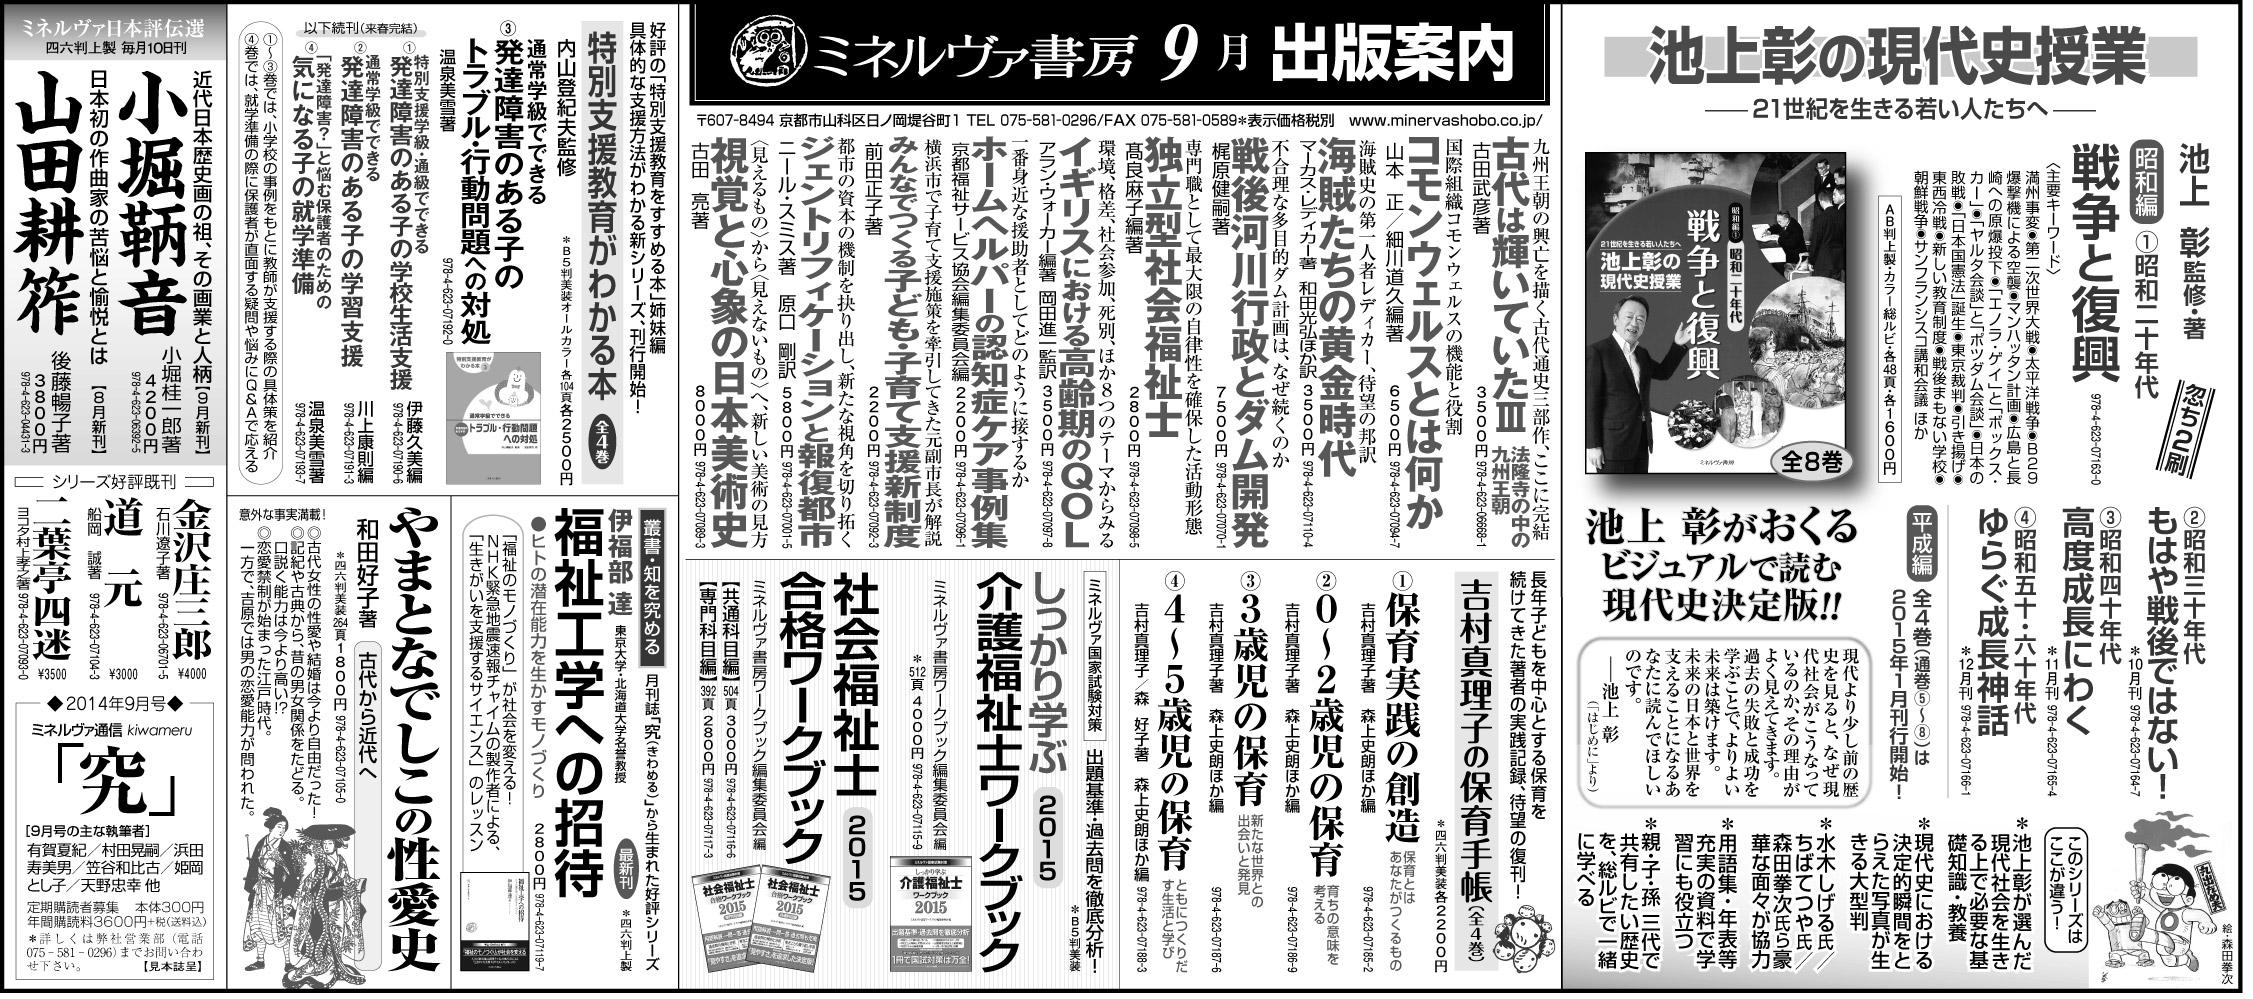 読売新聞全5段広告2014年9月11日掲載